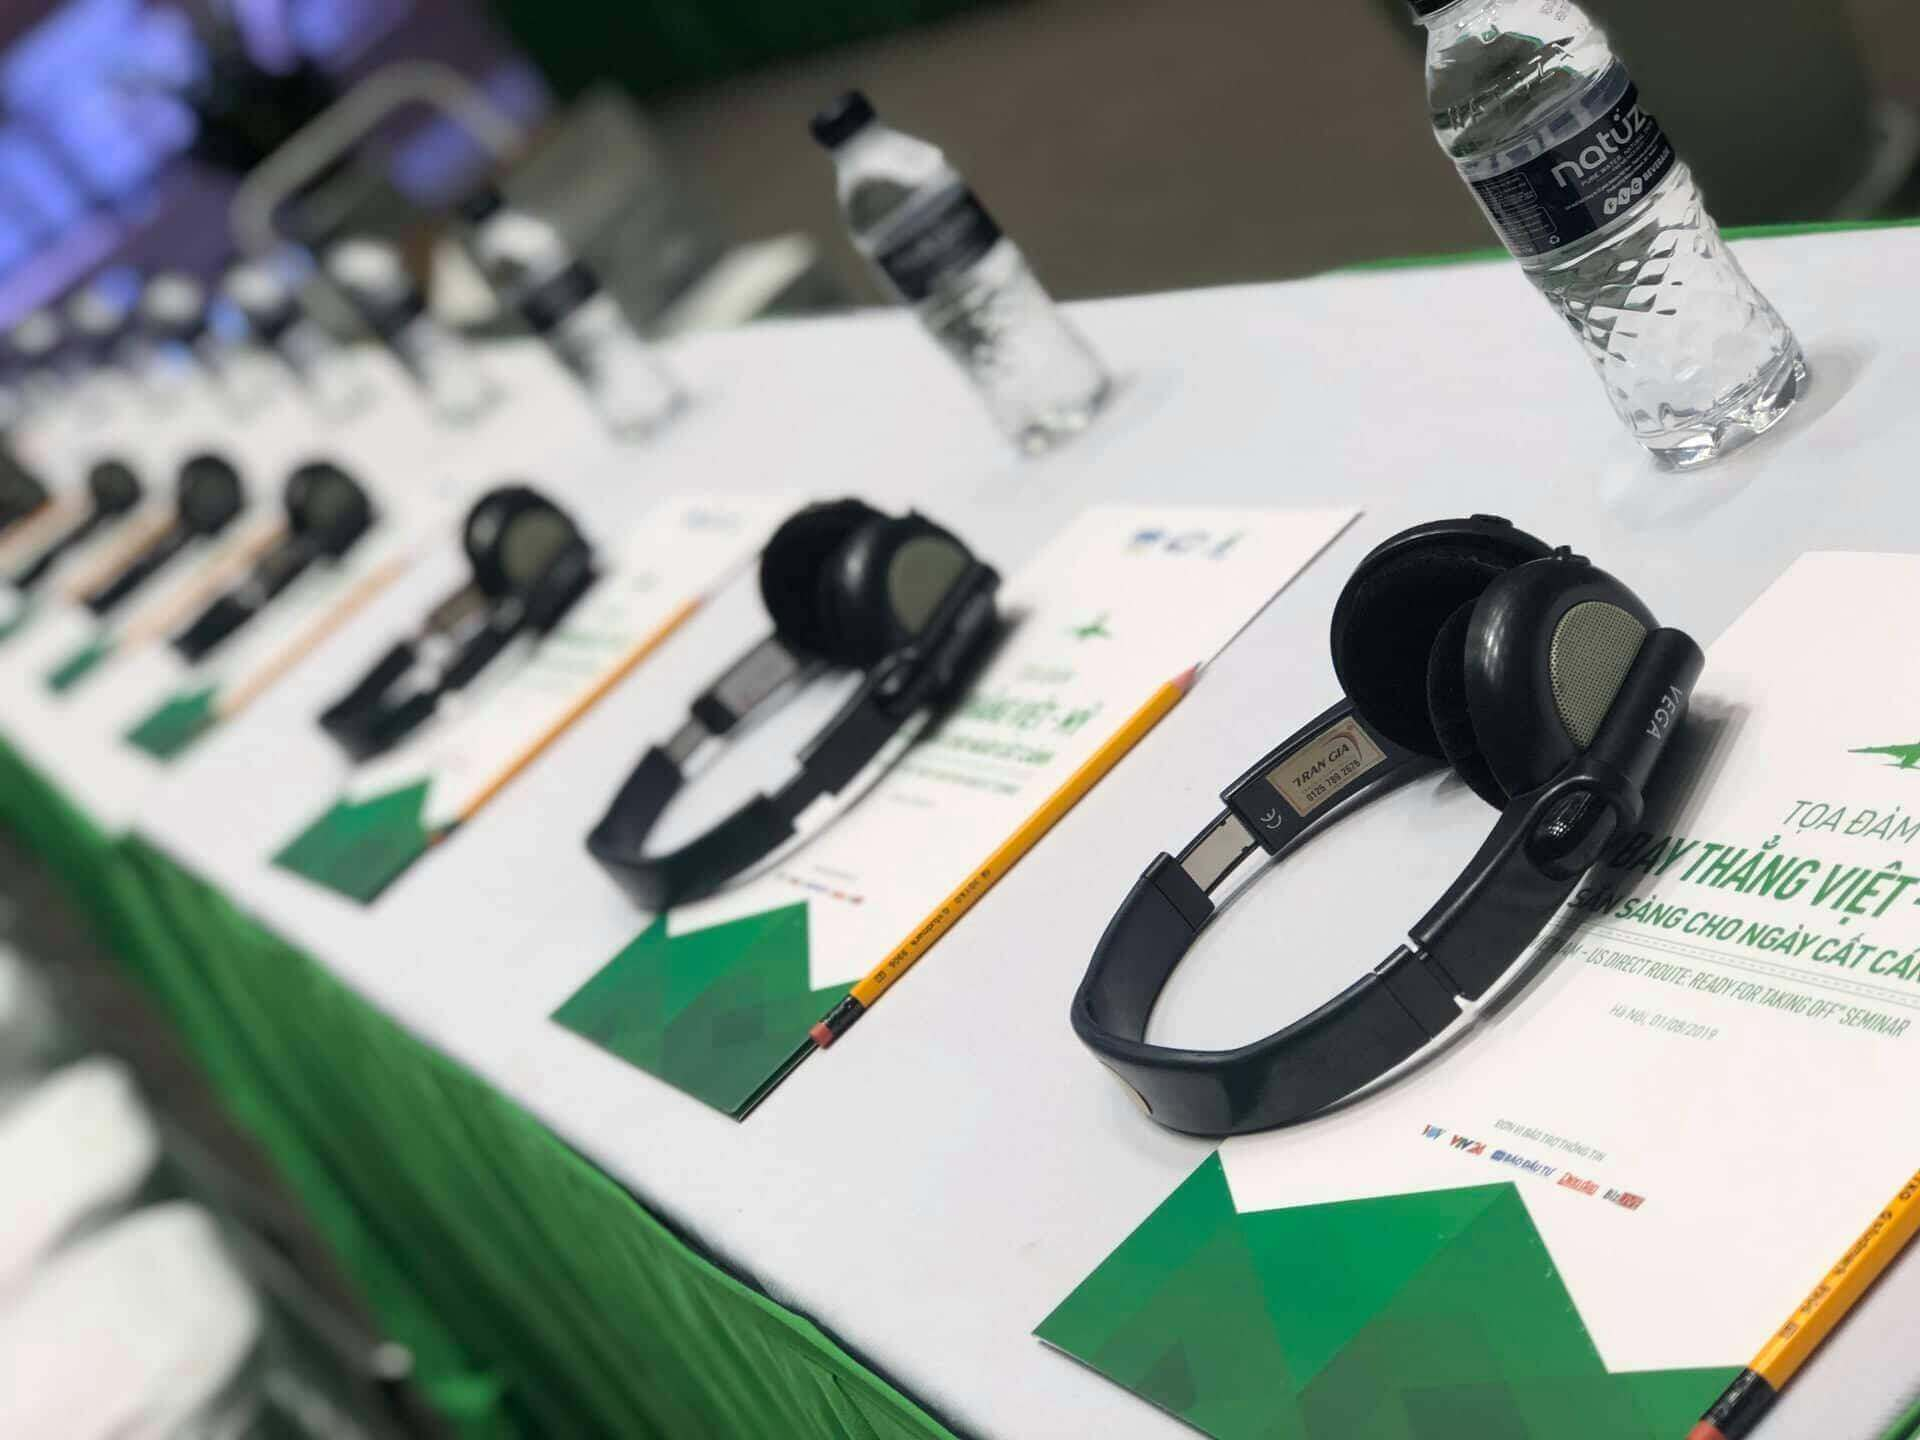 cho thuê thiết bị hội nghị tại Đà Nẵng 4